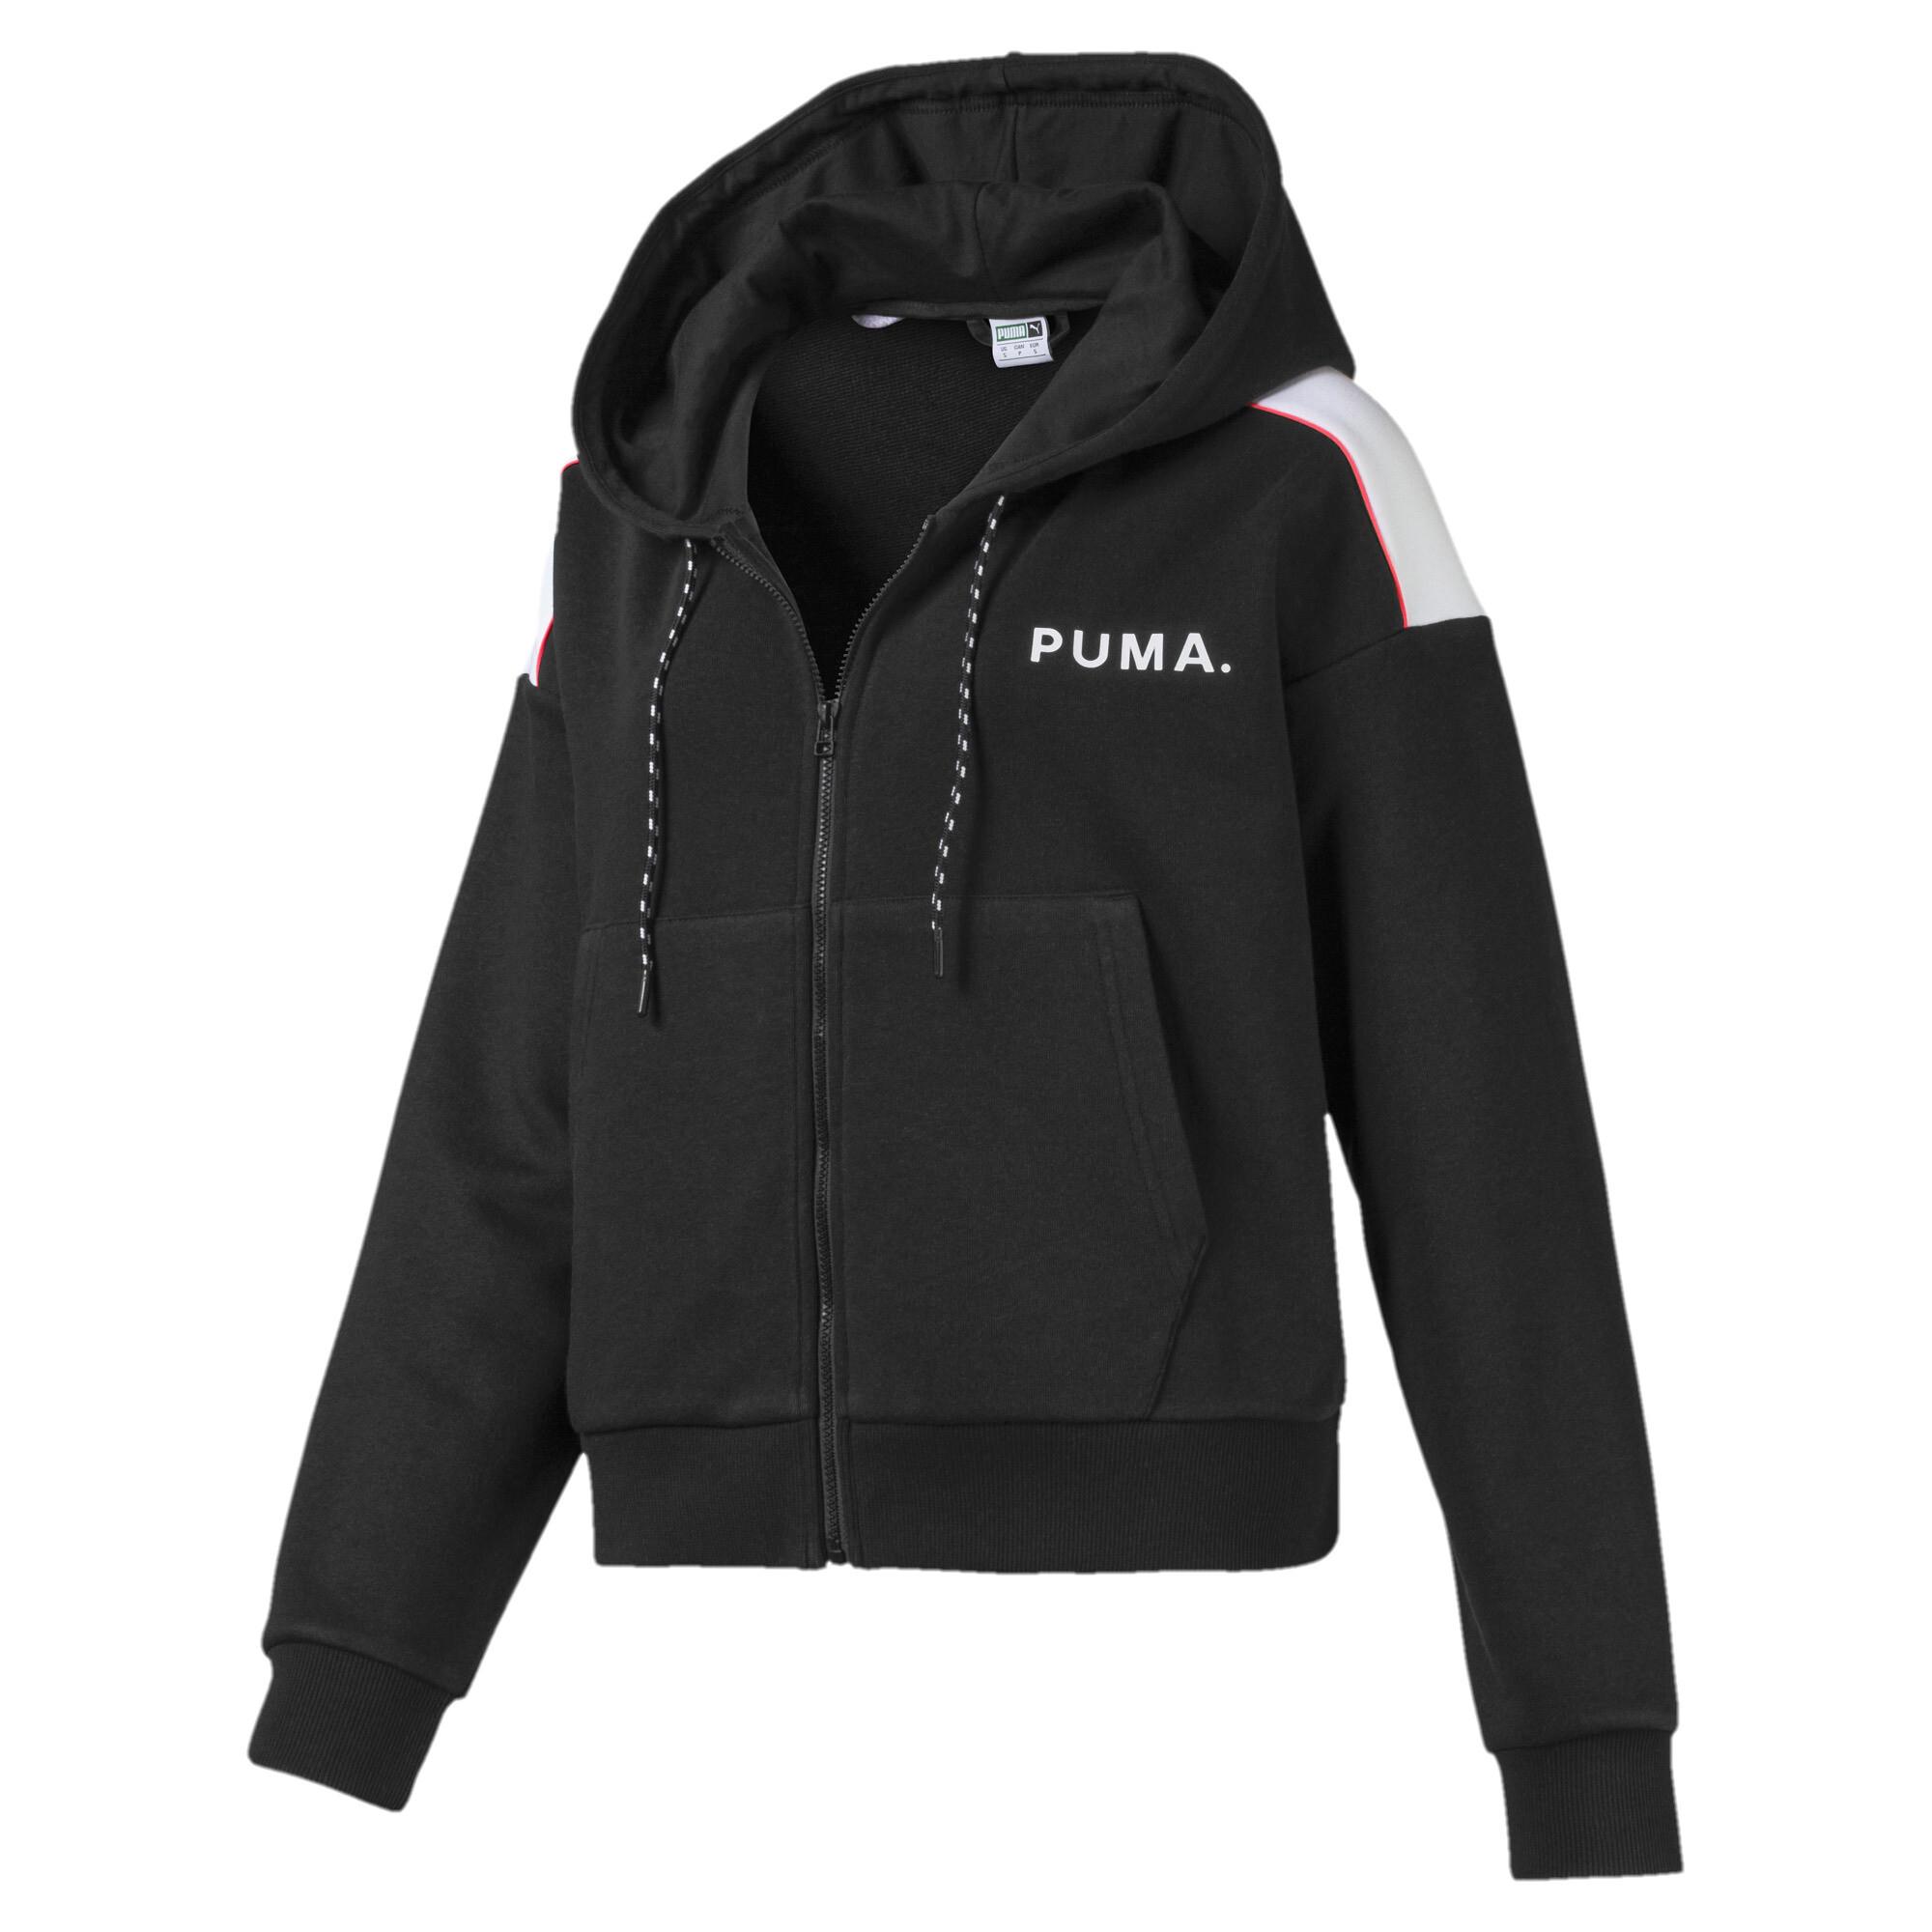 プーマ CHASE ウィメンズ クロップド フーデッドジャケット ウィメンズ Puma Black |PUMA.com